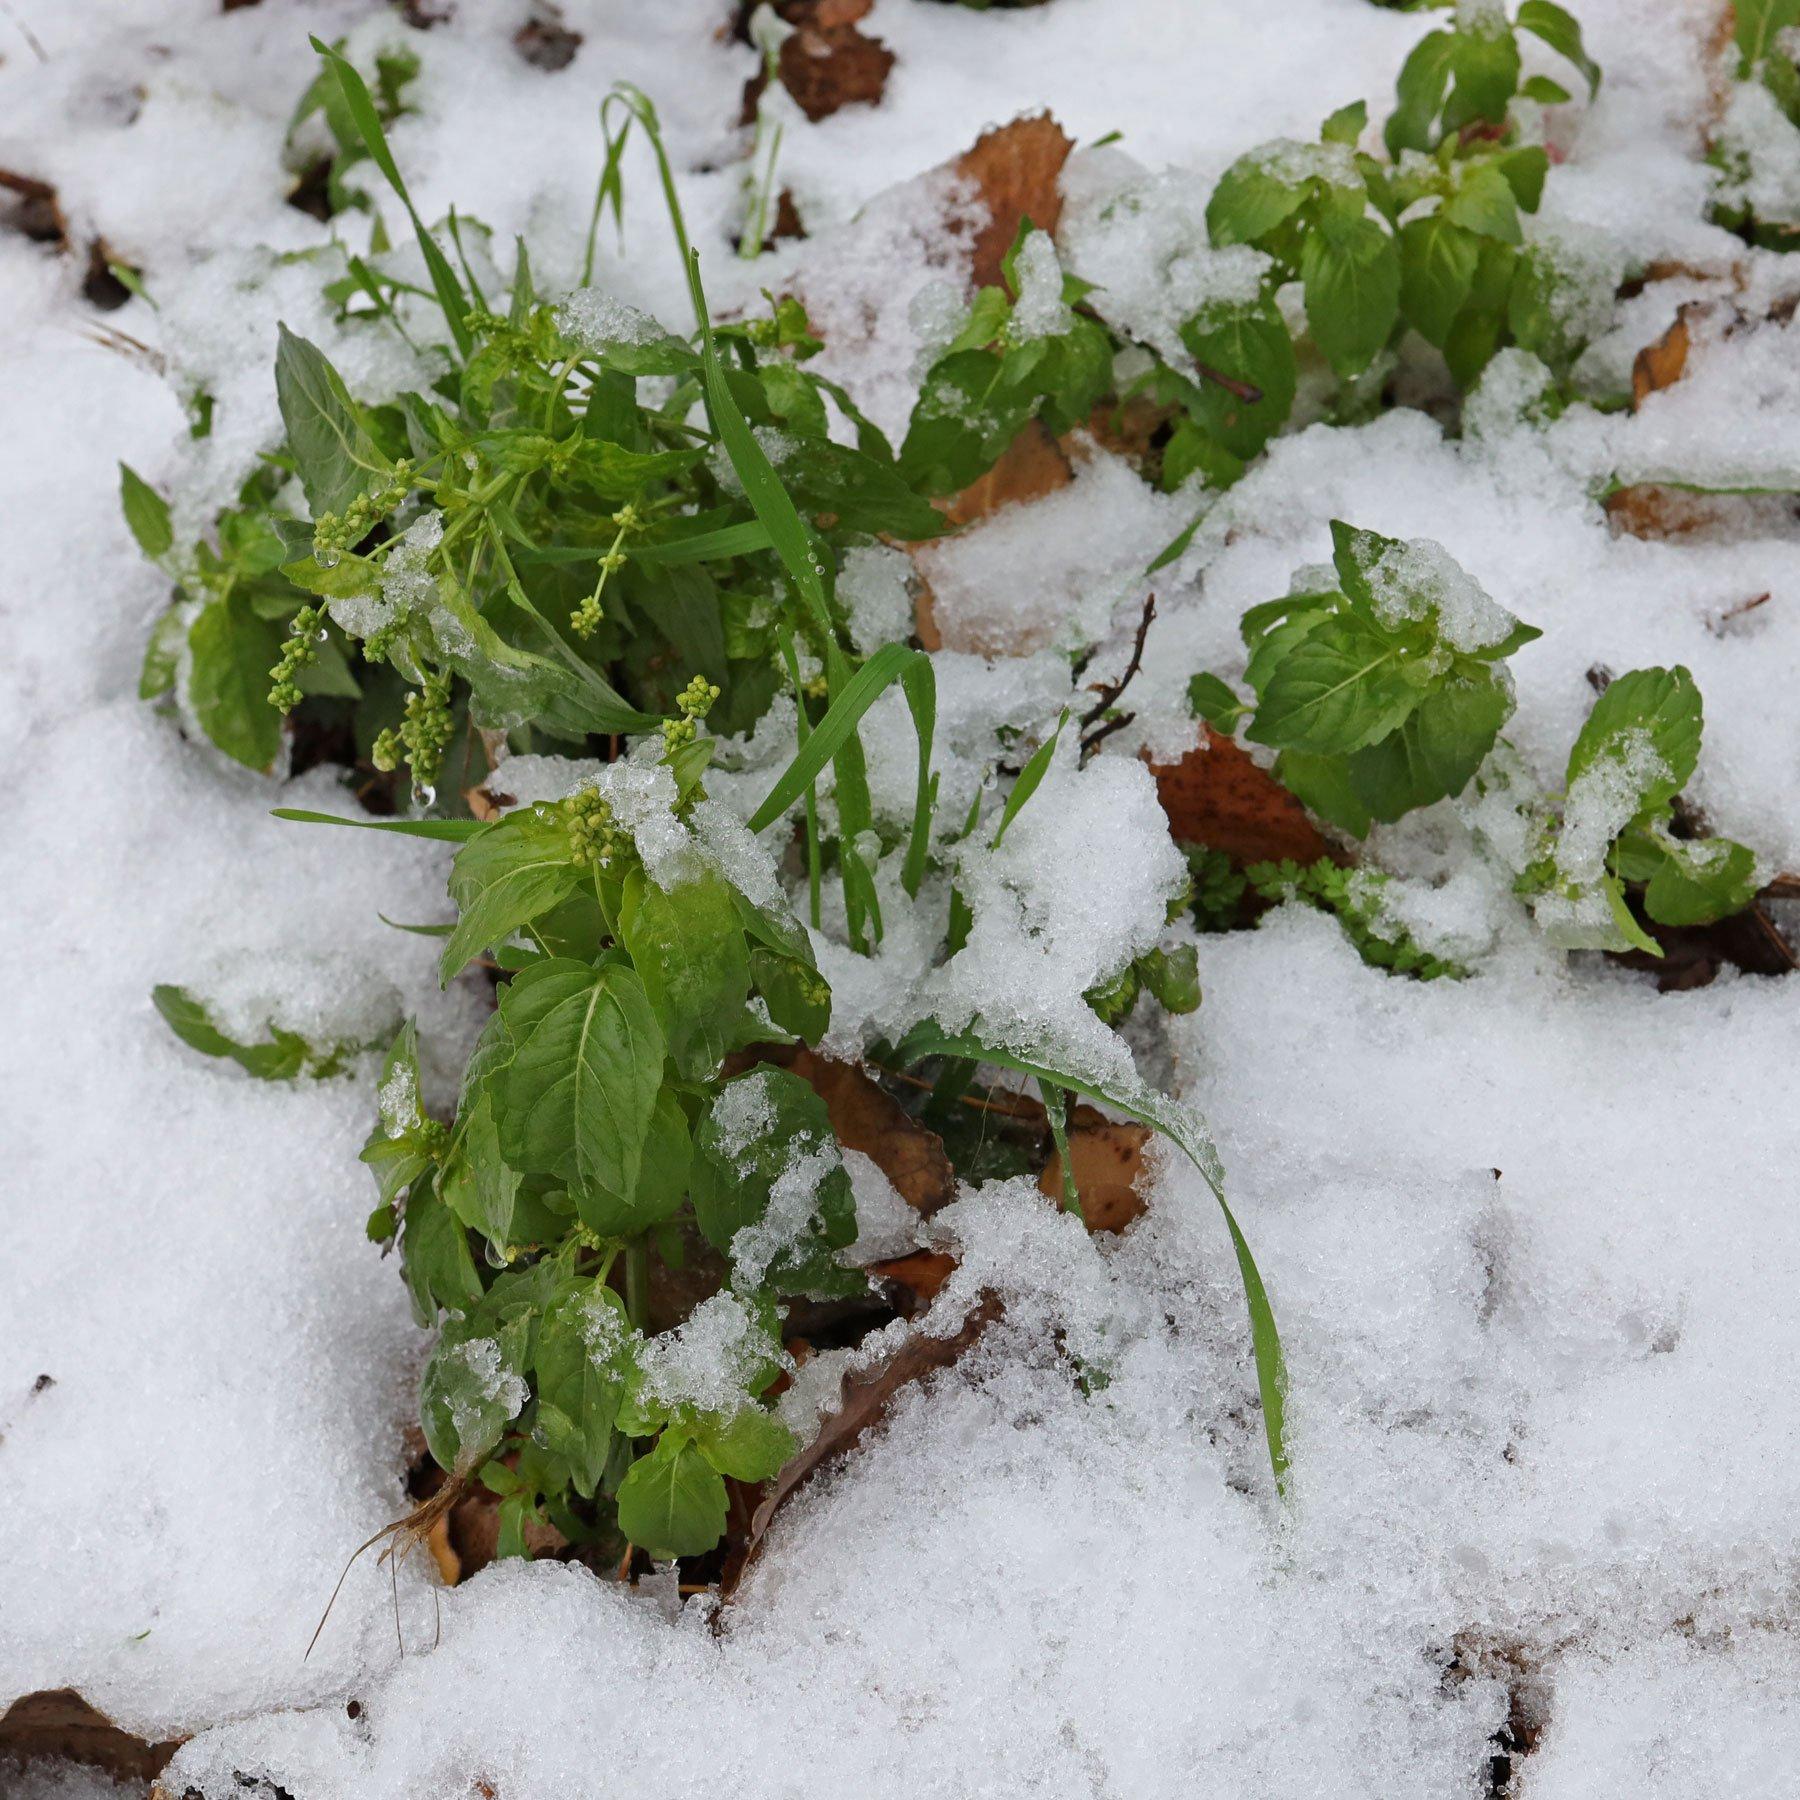 Bingelkraut-im-Schnee